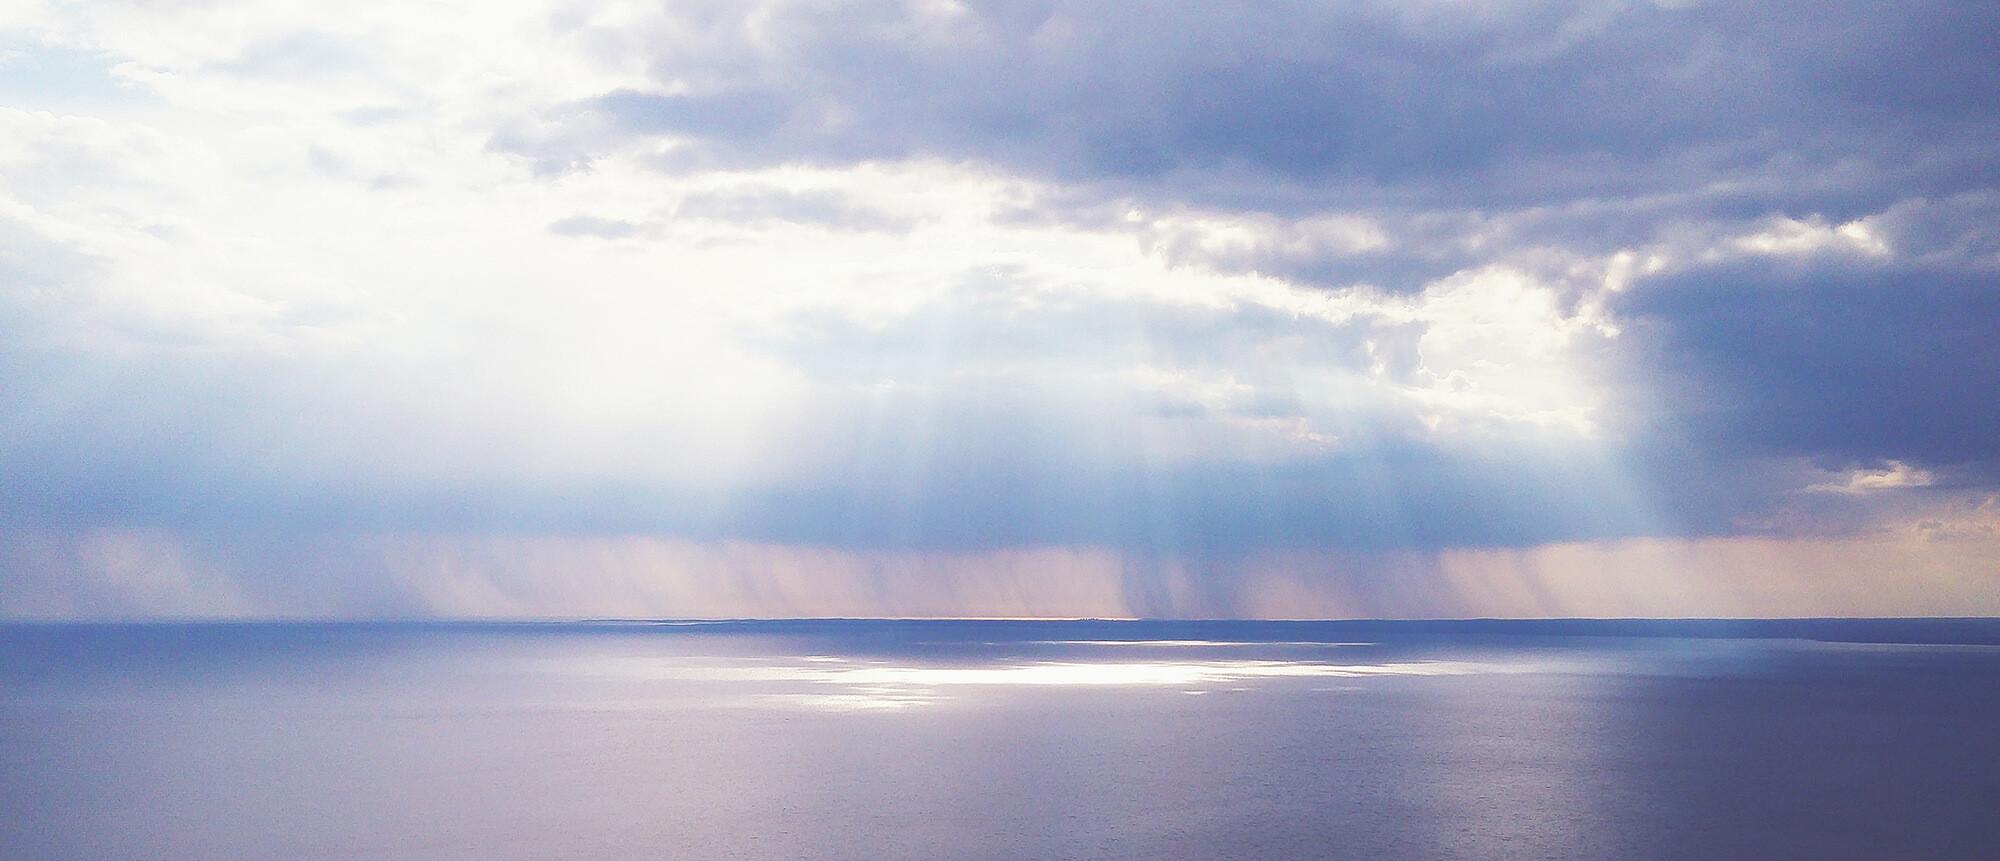 zeeparken-blog-rustig.jpg